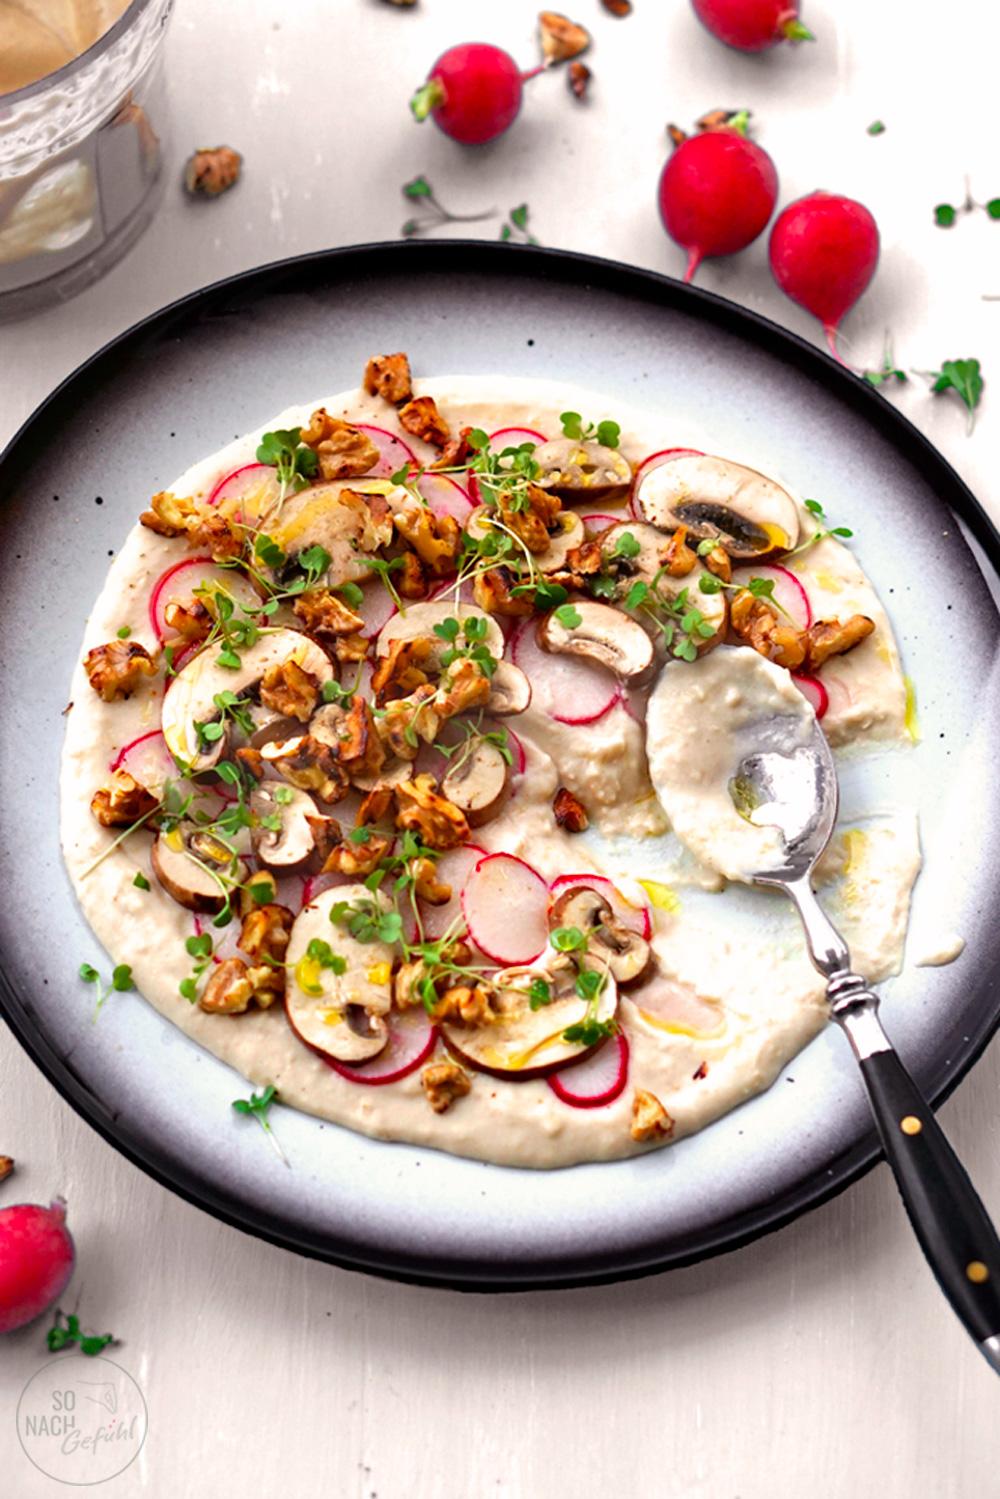 Weiße-Bohnen-Hummus mit eingelegten Pilzen